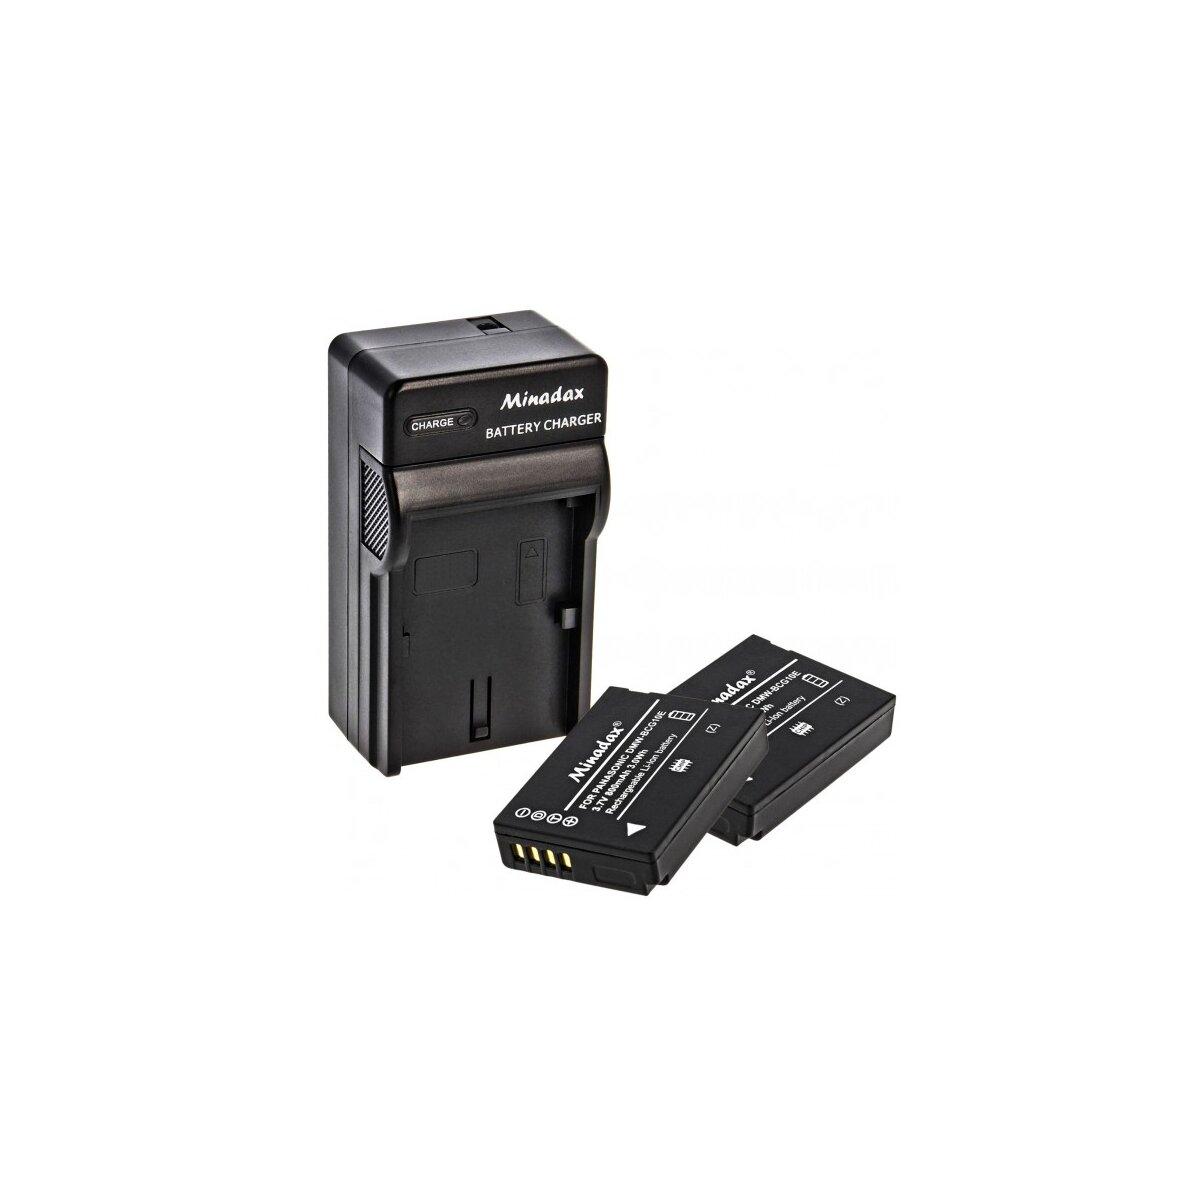 Minadax® Ladegeraet 100% kompatibel fuer Panasonic DMW-BCG10E inkl. Auto Ladekabel, Ladeschale austauschbar + 2x Akku wie DMW-BCG10E